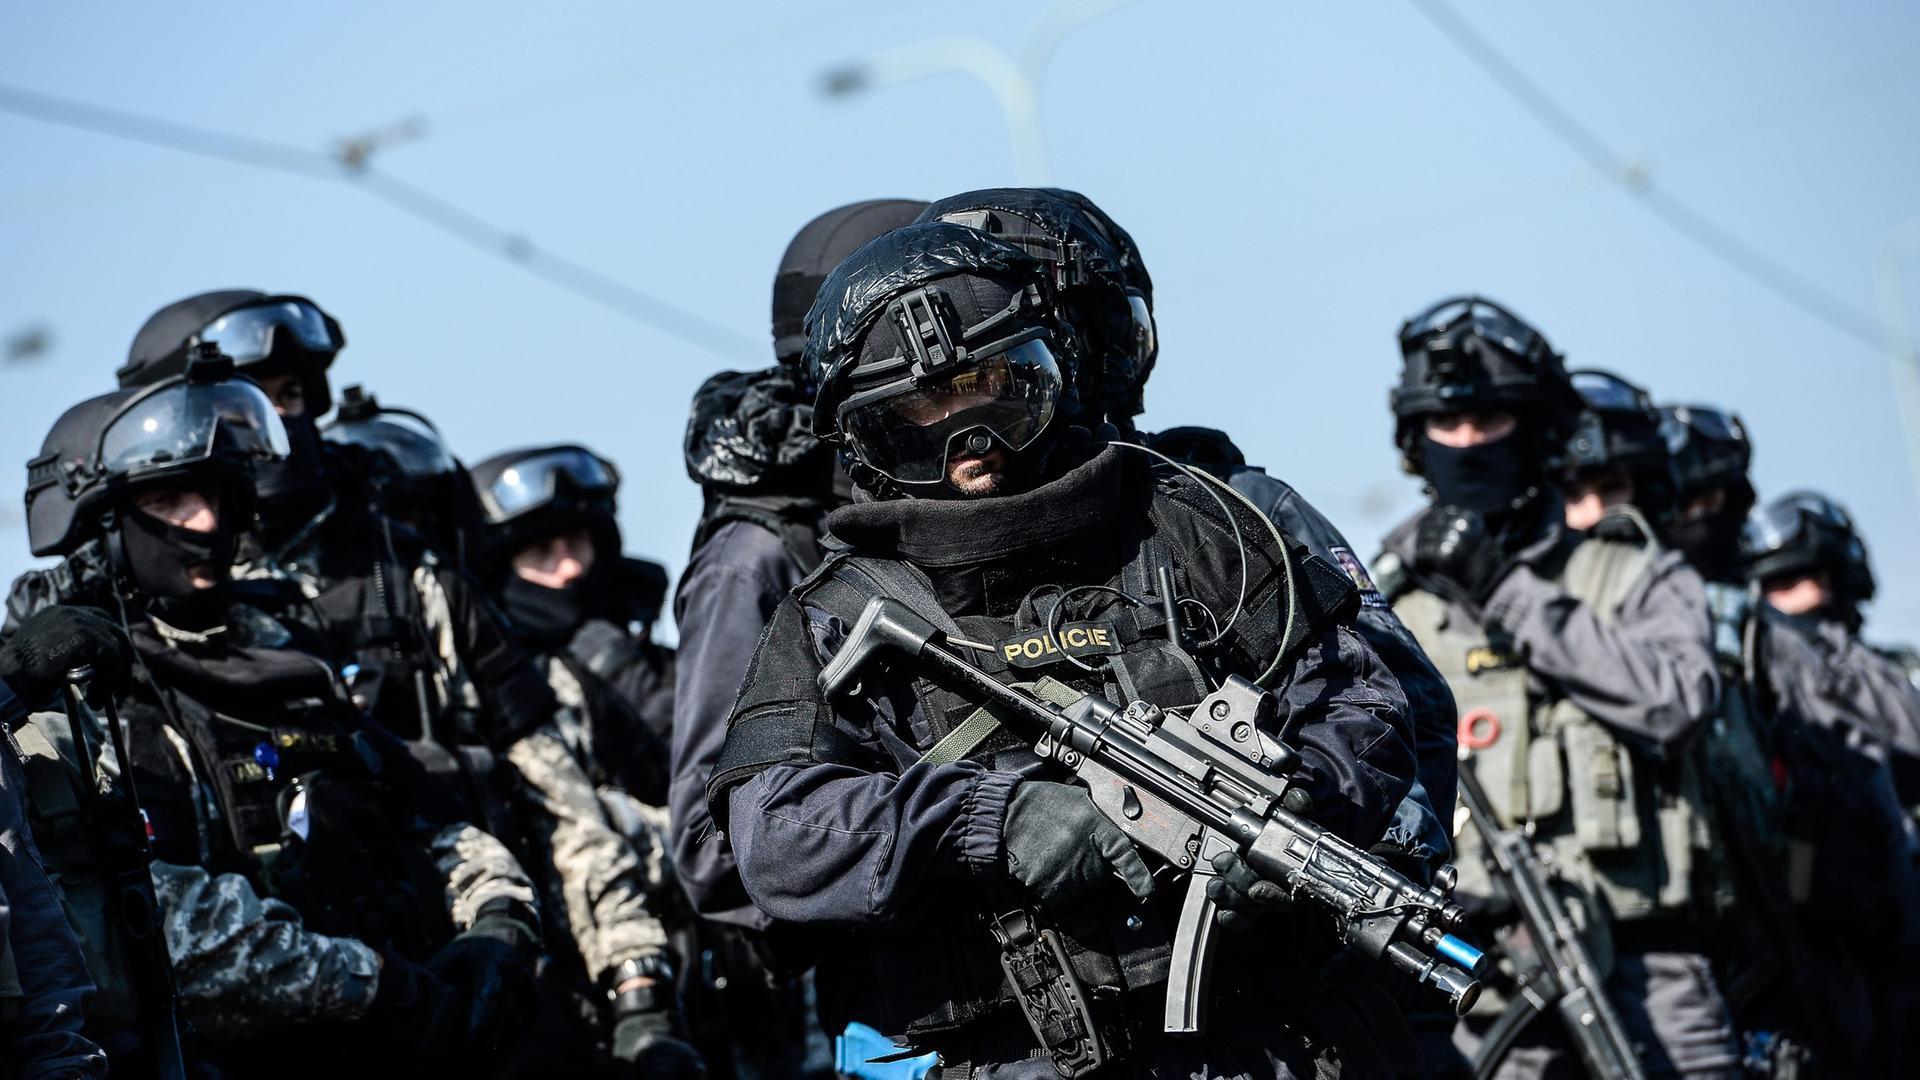 Spezialkräfte der tschechischen Polizei. Archivbild